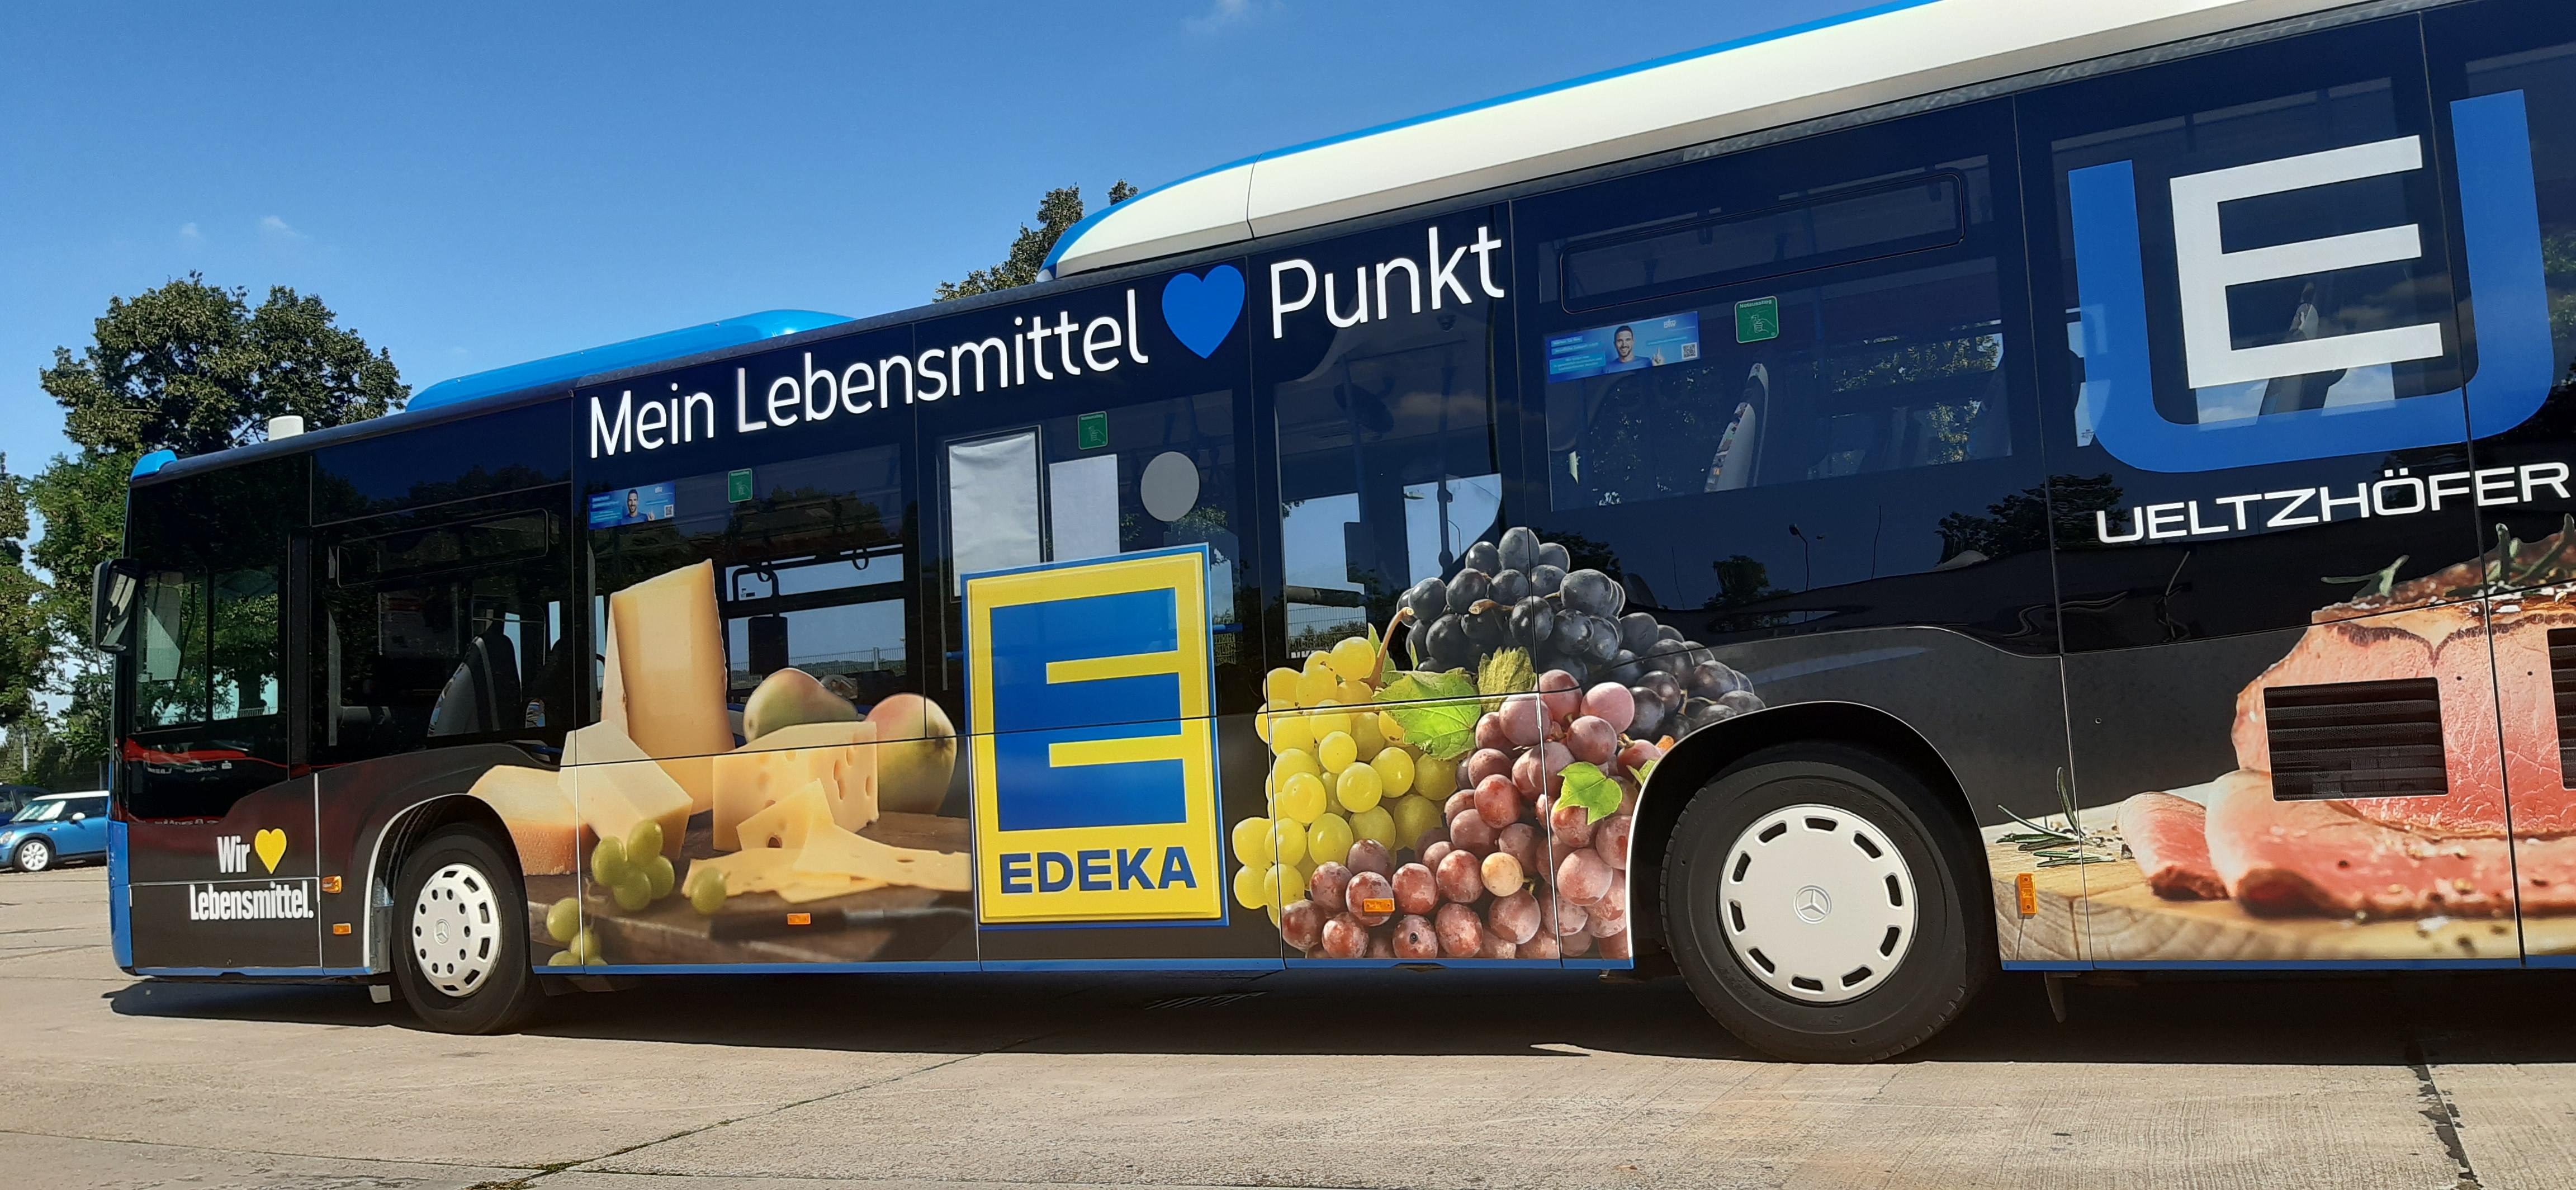 Stadtbus-Beschriftung